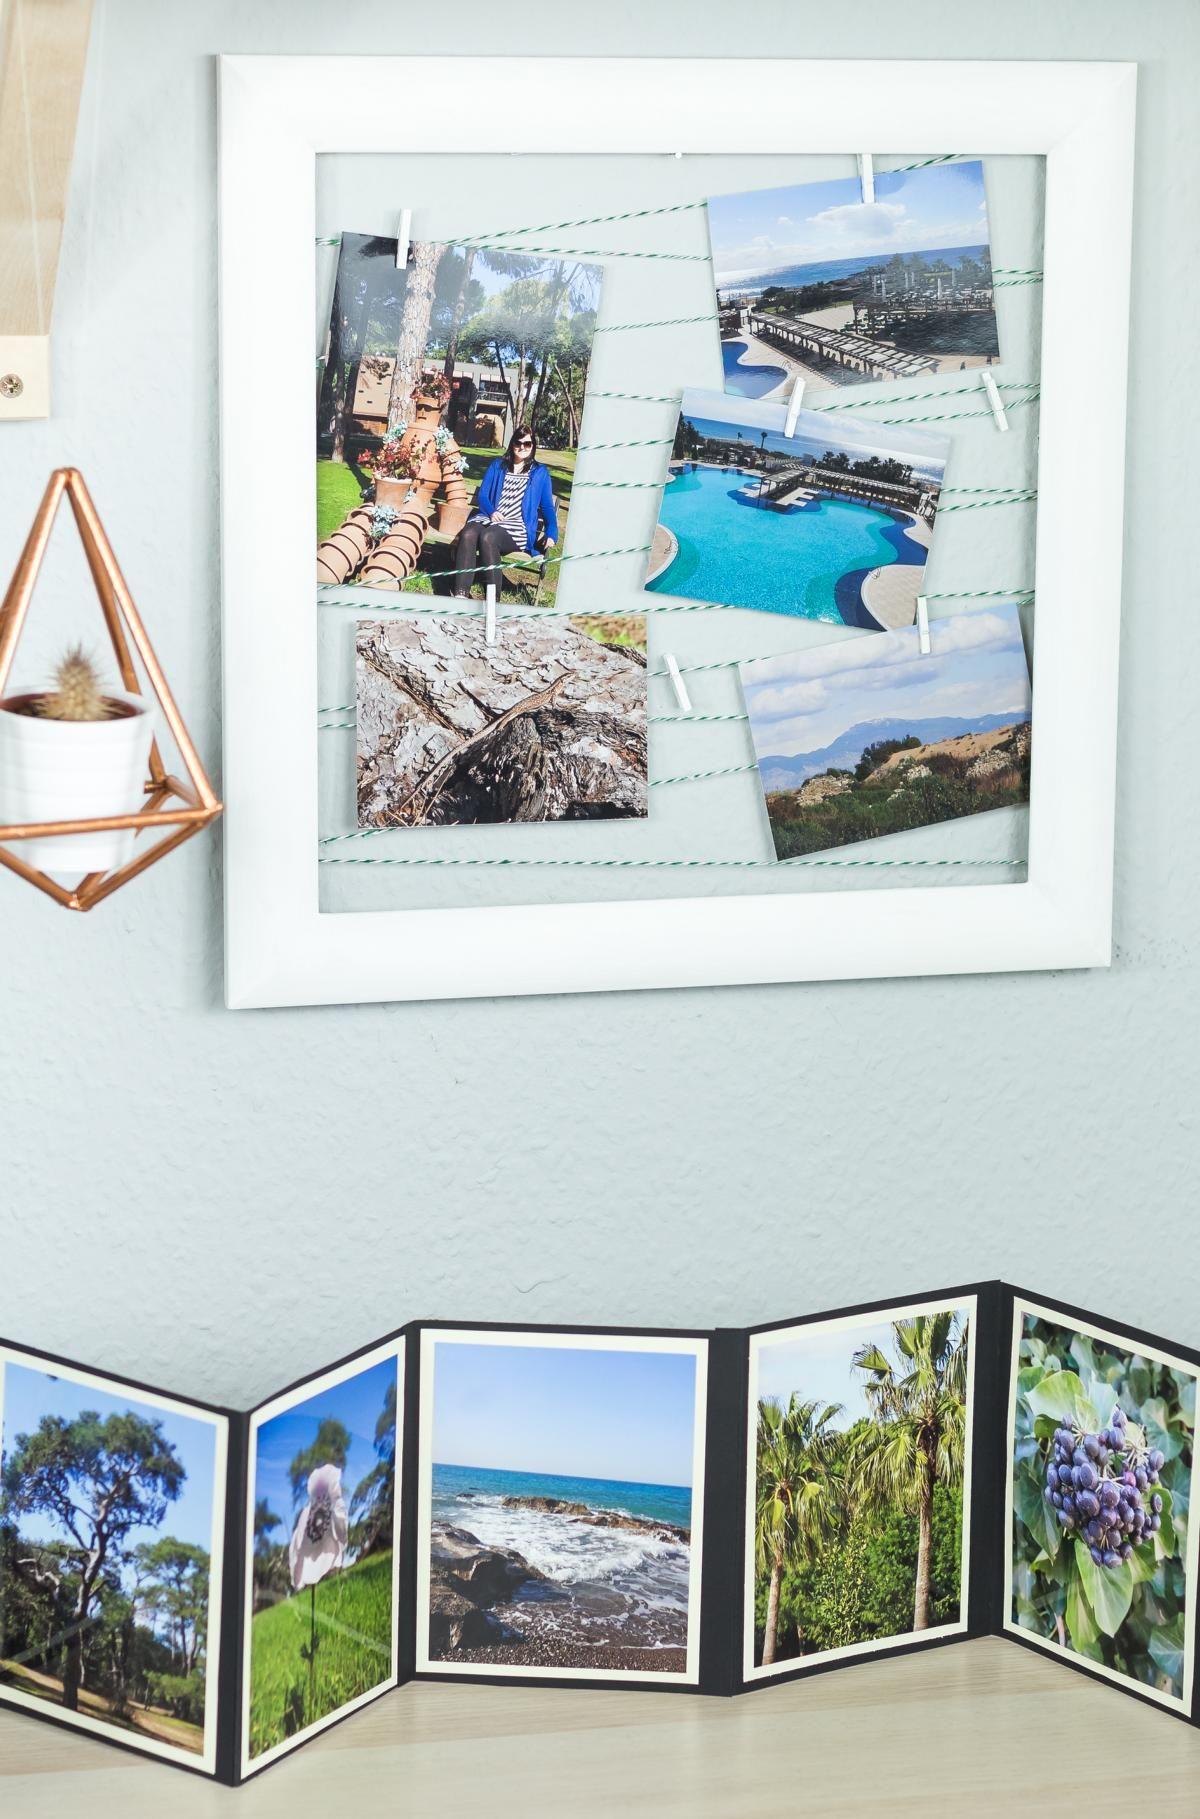 diy fotowand basteln - schöne upcycling idee für alte bilderrahmen